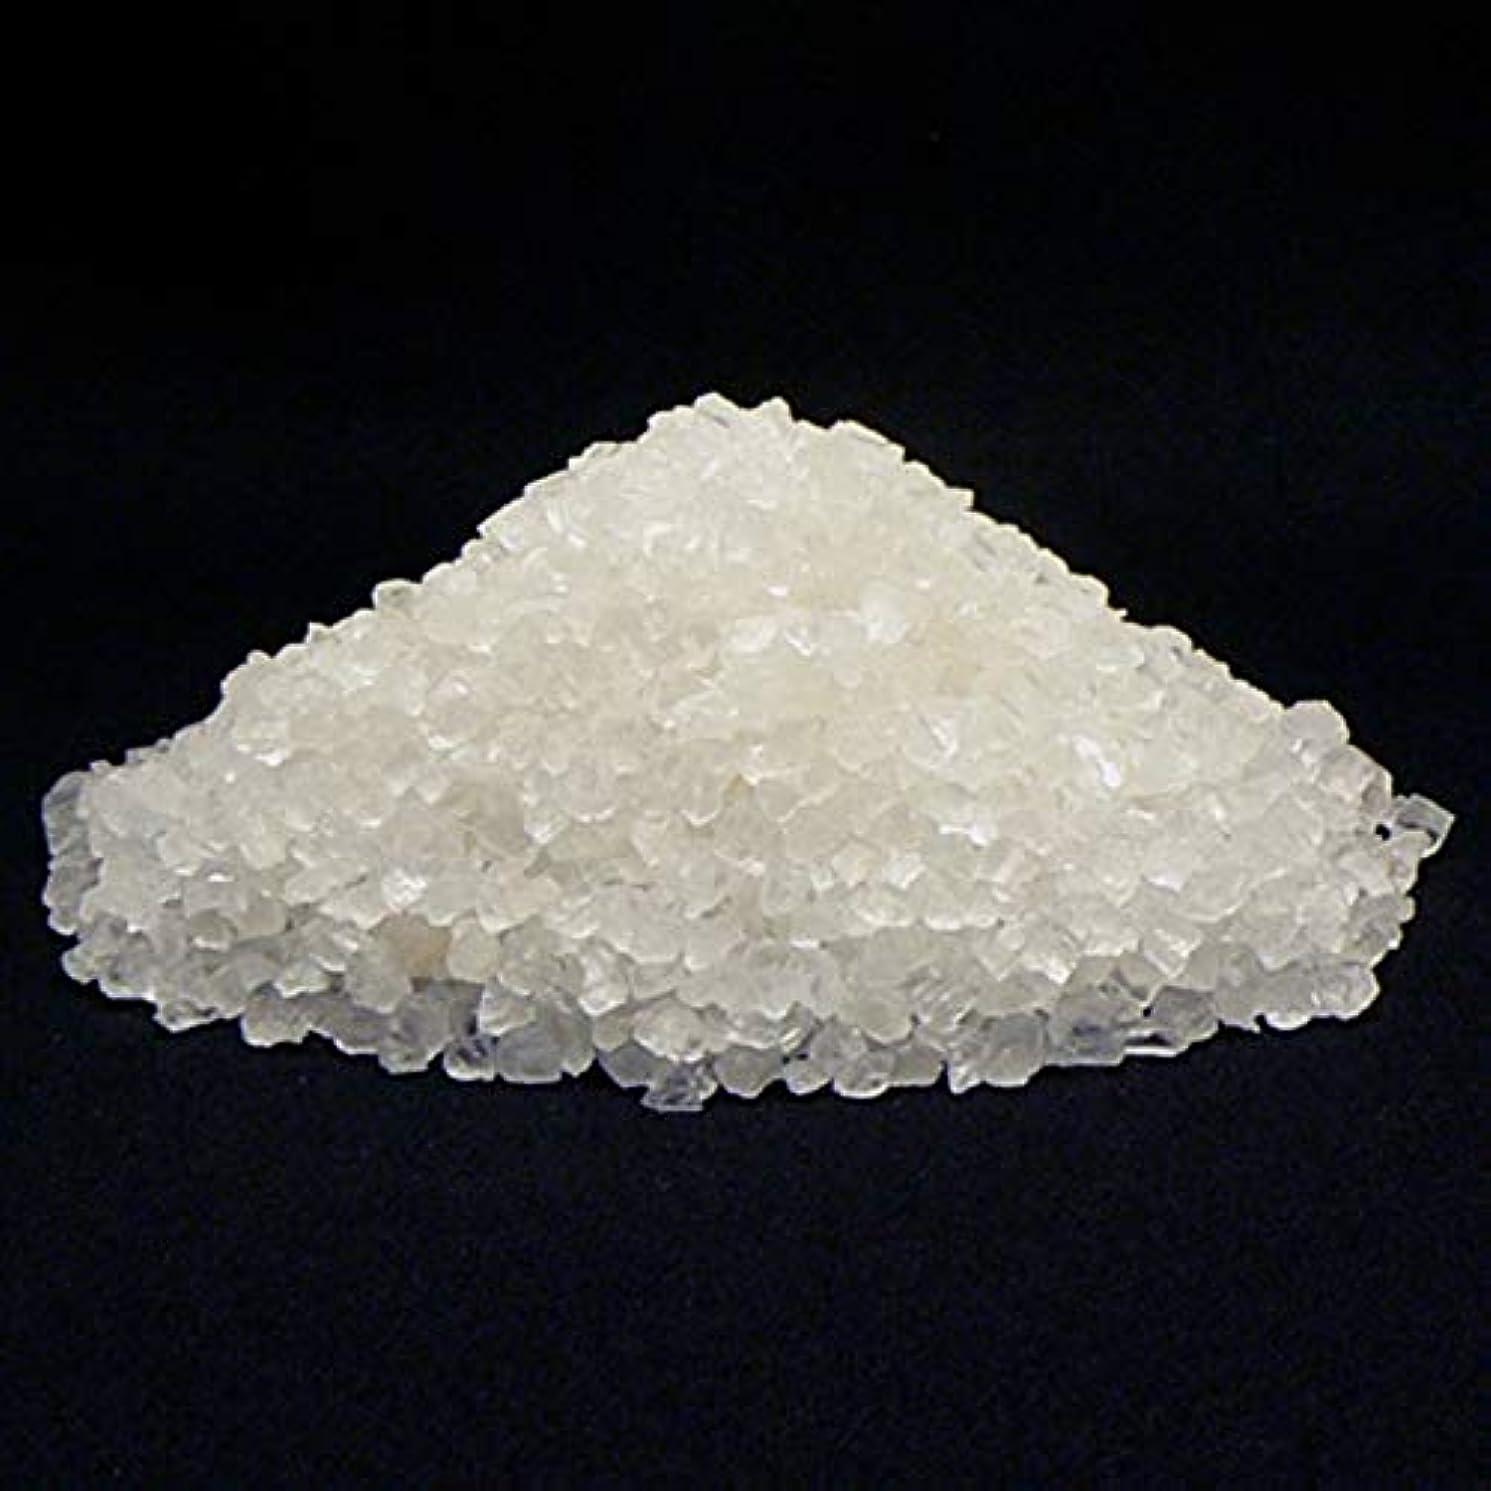 超高層ビル爆発するピケヒマラヤ岩塩 クリスタルソルト 入浴用 バスソルト(小粒)クリスタル岩塩 白岩塩 (3kg+500g増量)